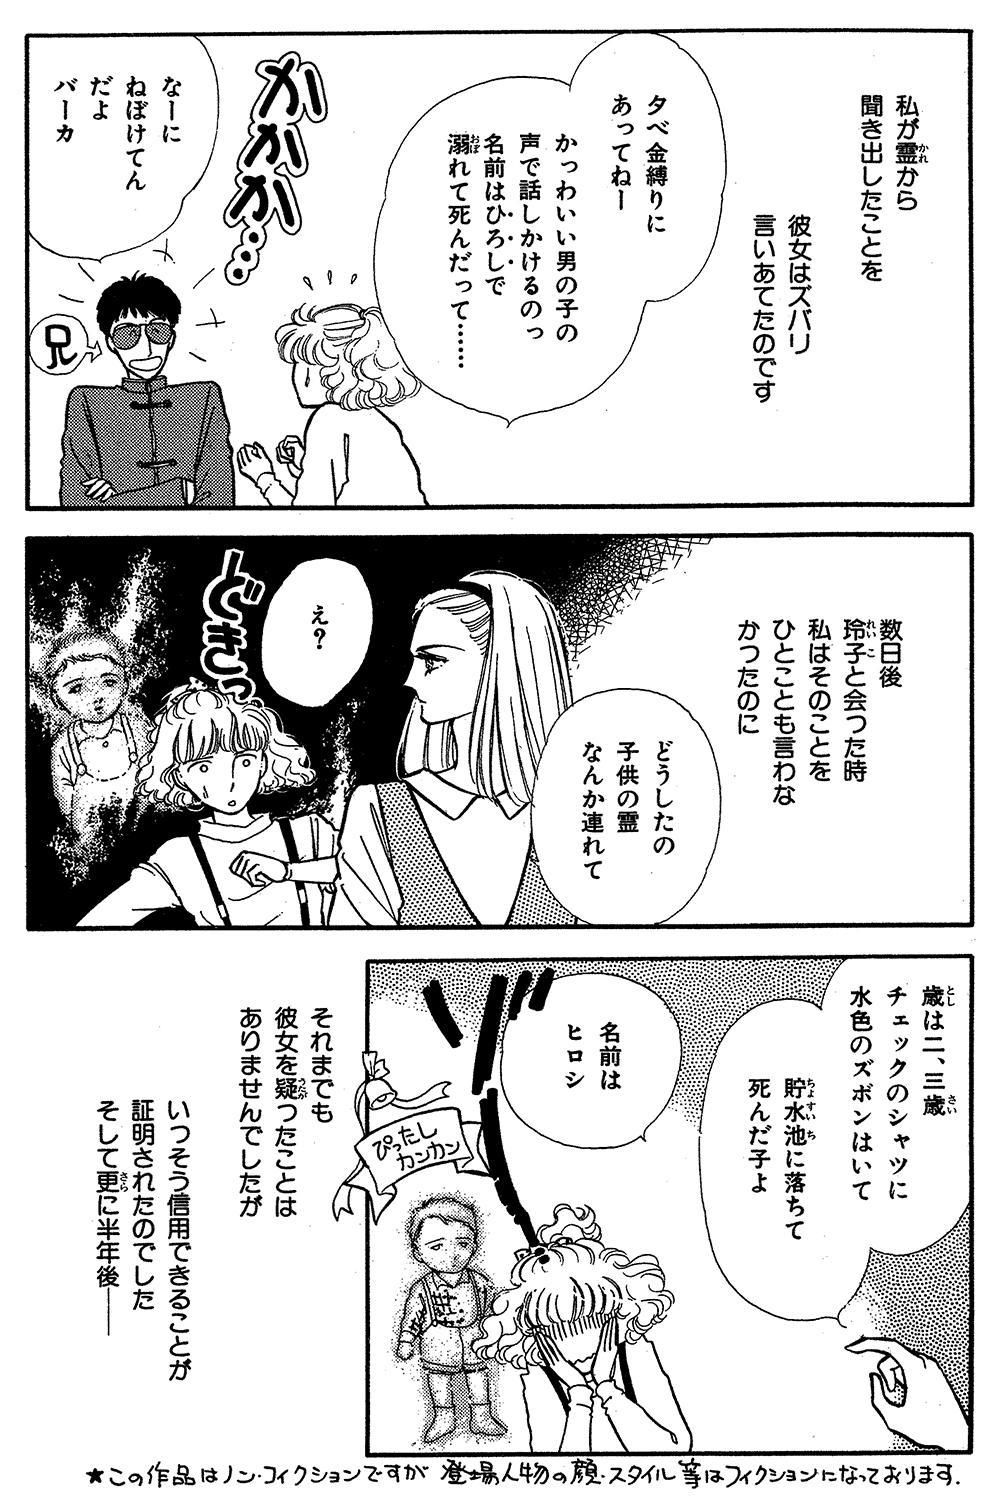 魔百合の恐怖報告 第1話「部屋の隅の白い影」①mayuri04.jpg